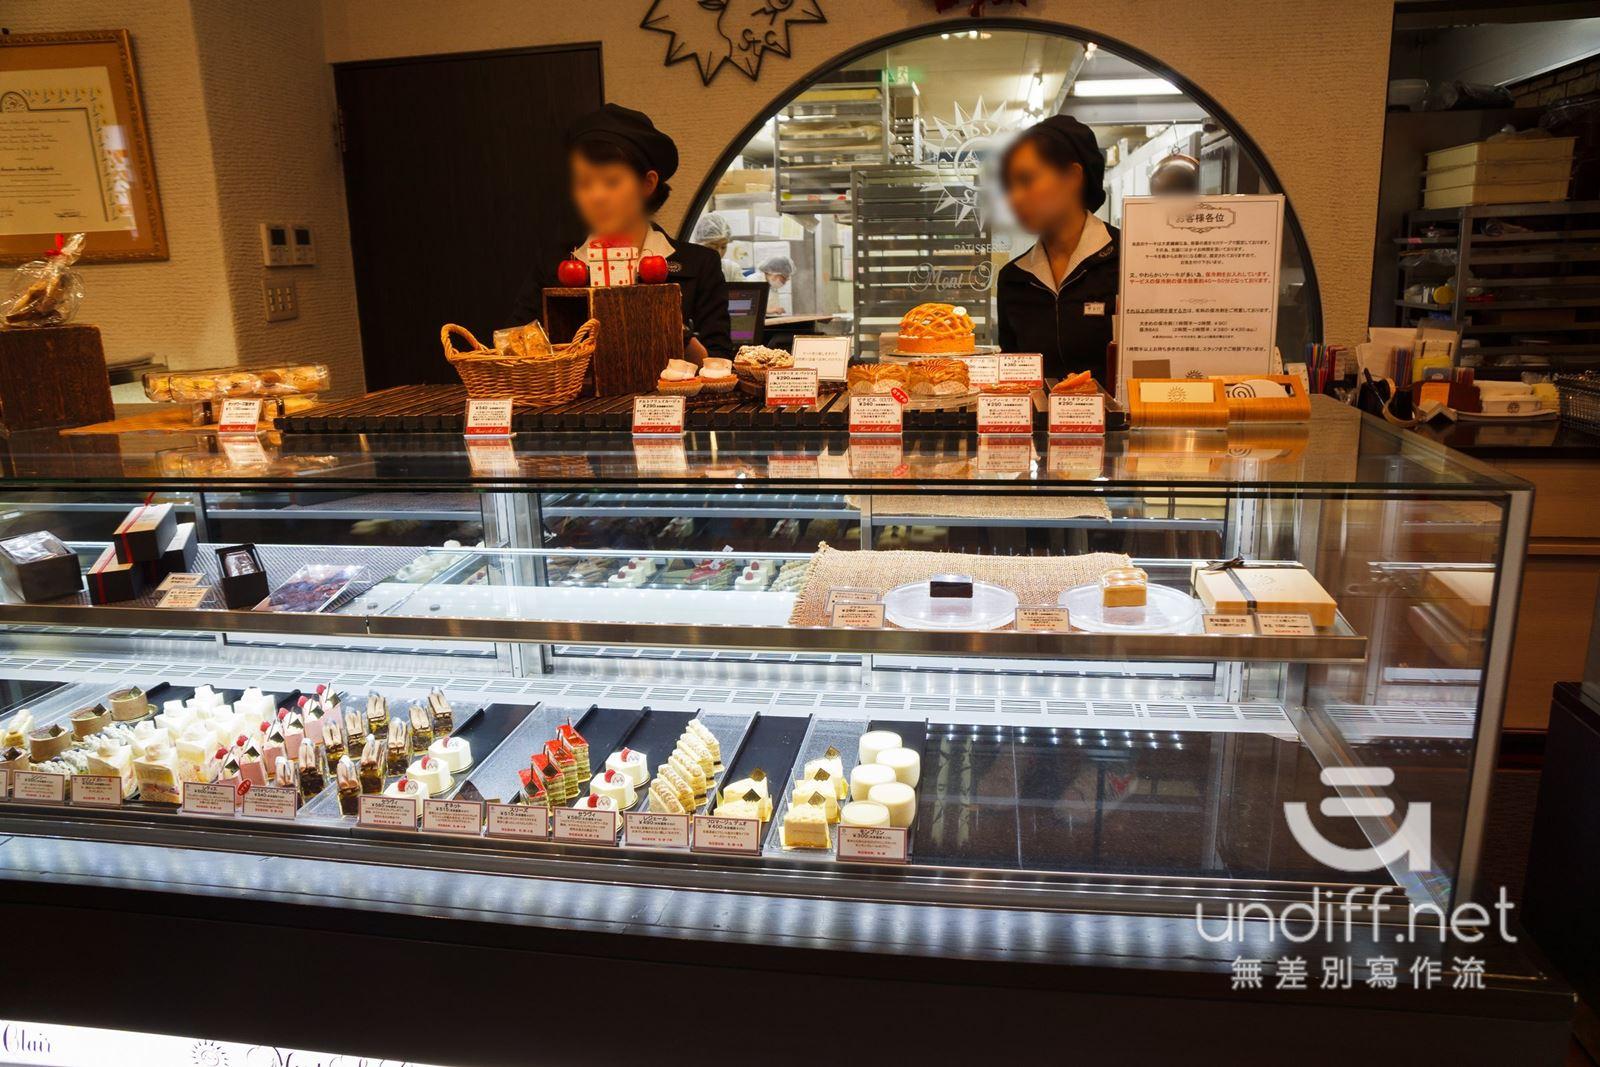 【東京美食】自由之丘 Mont St. Clair 》名不虛傳的人氣甜點名店 10